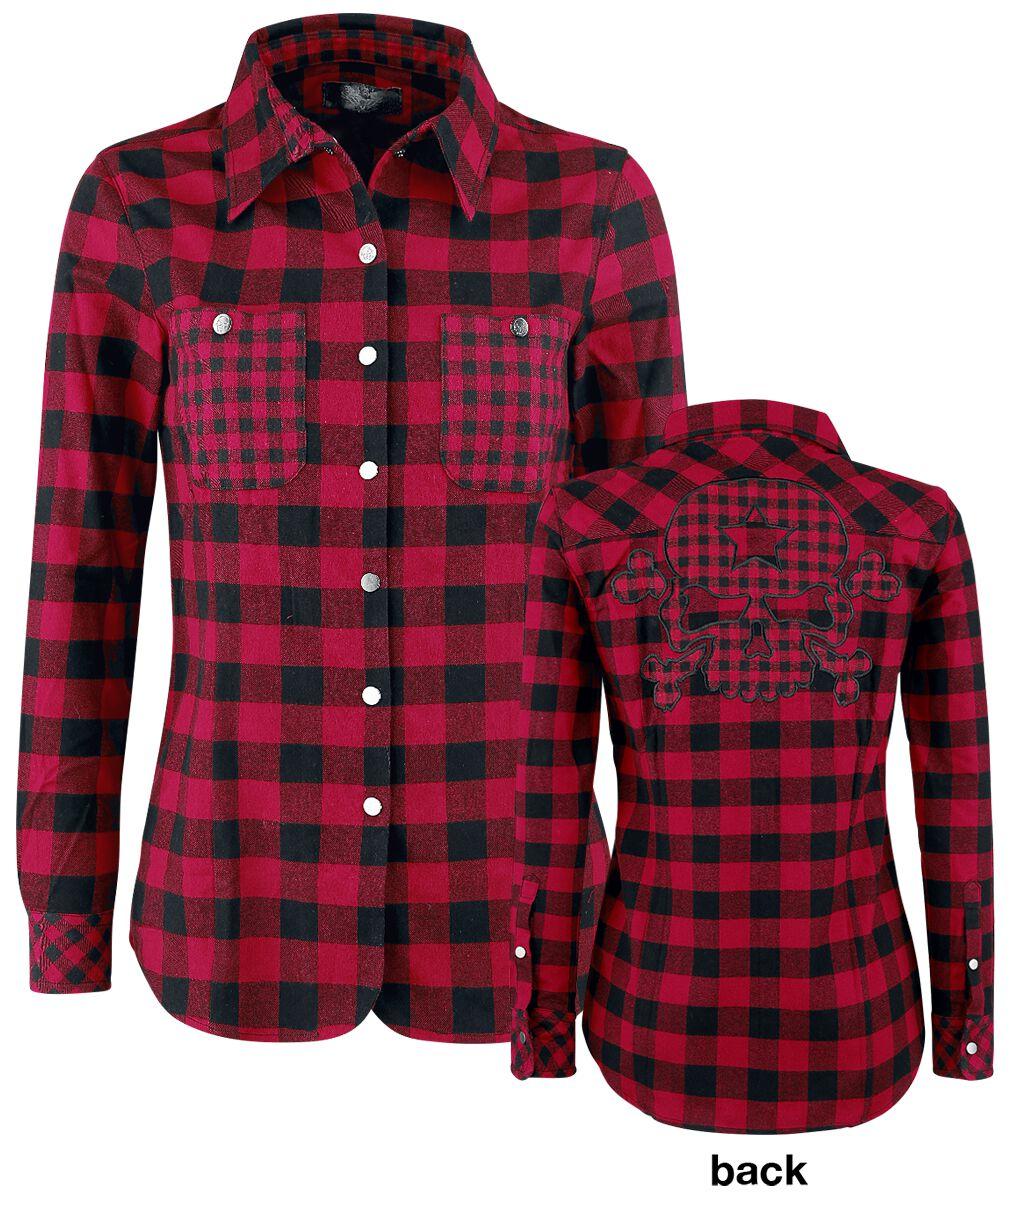 Image of   Rock Rebel by EMP Checkered Skull Application Shirt Girlie Skjorte rød-sort